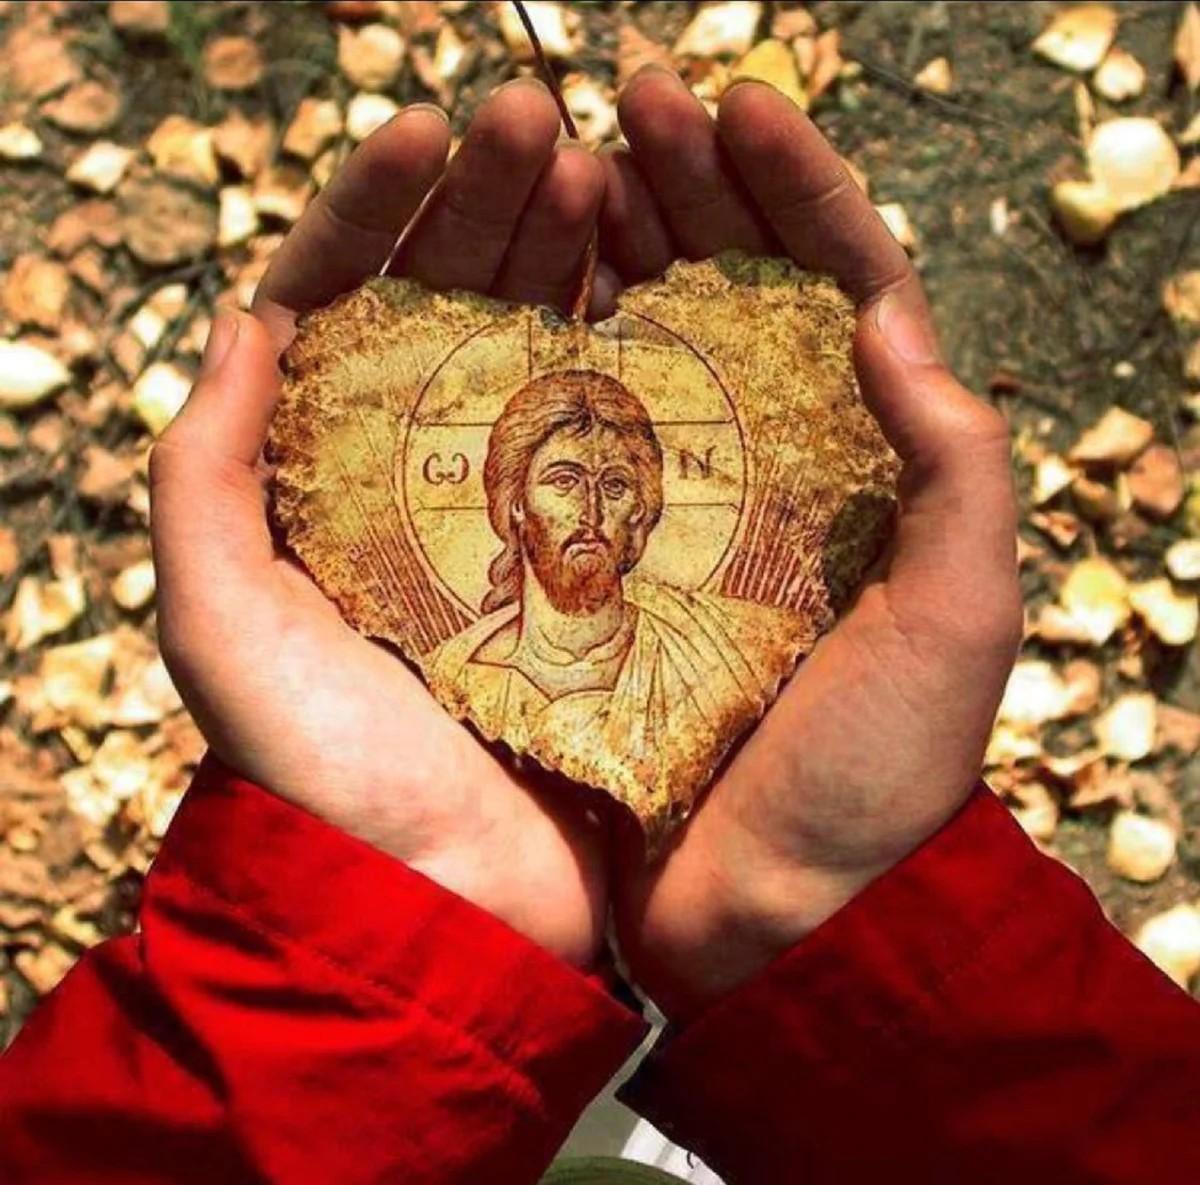 Comment réagir si la foi orthodoxe est condamnée en votre présence?